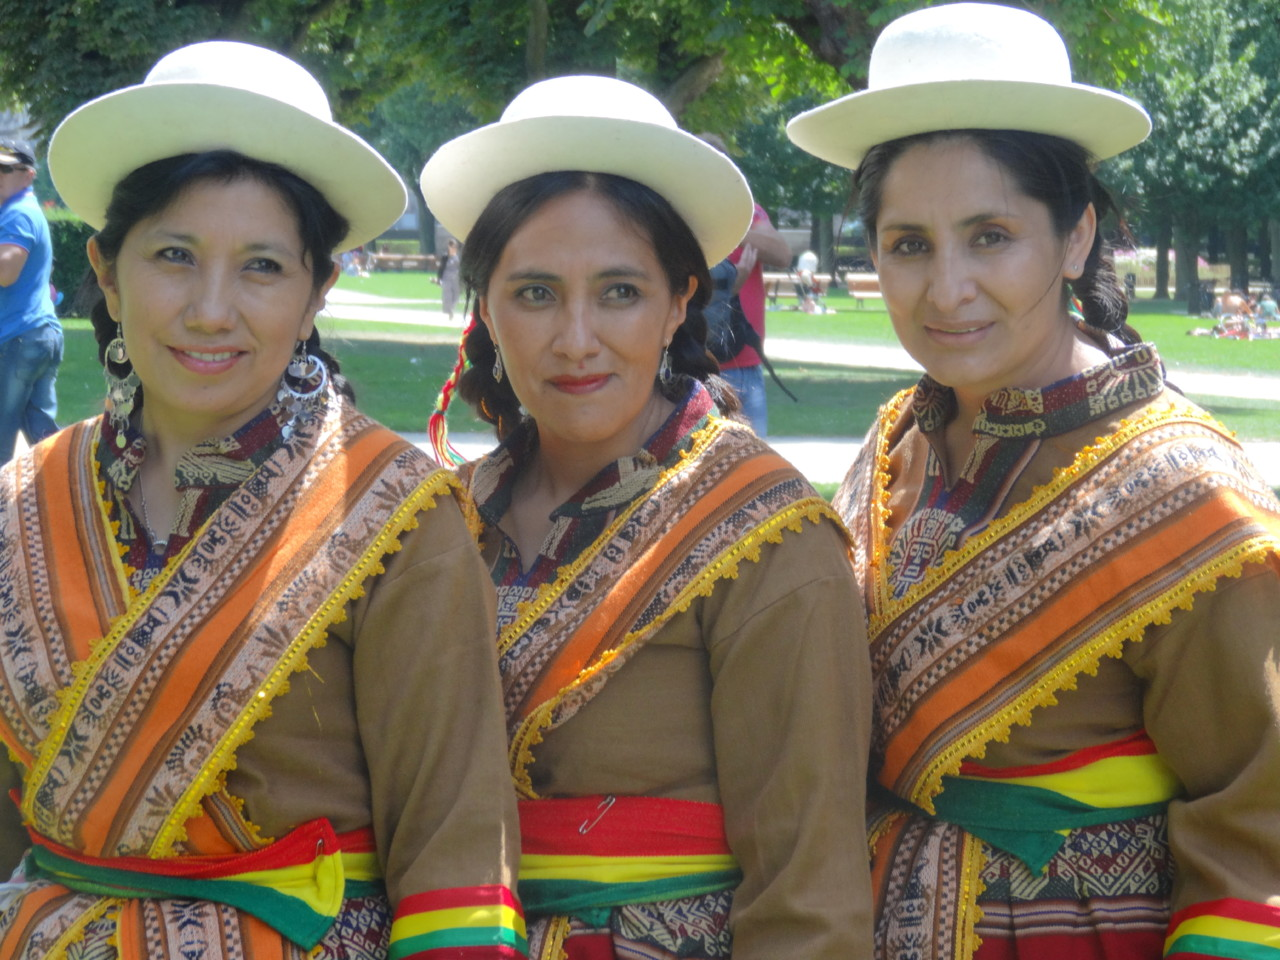 folk bolivia mulheres 3+3 bom.JPG